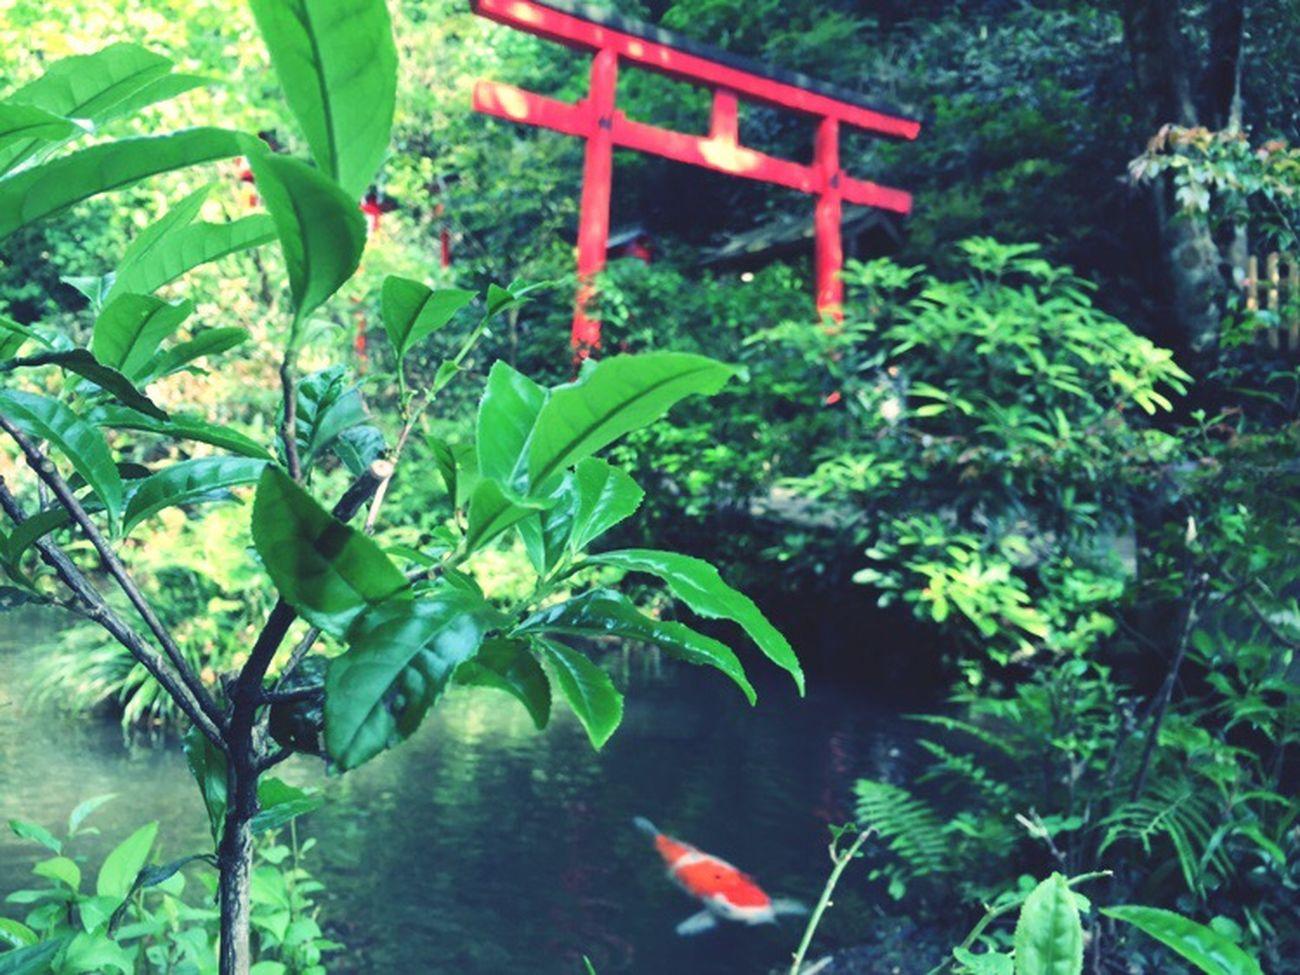 篠栗南蔵院 Plant Nature Growth Leaf Green Color Outdoors No People Day Water Beauty In Nature Fukuoka Fukuoka,Japan